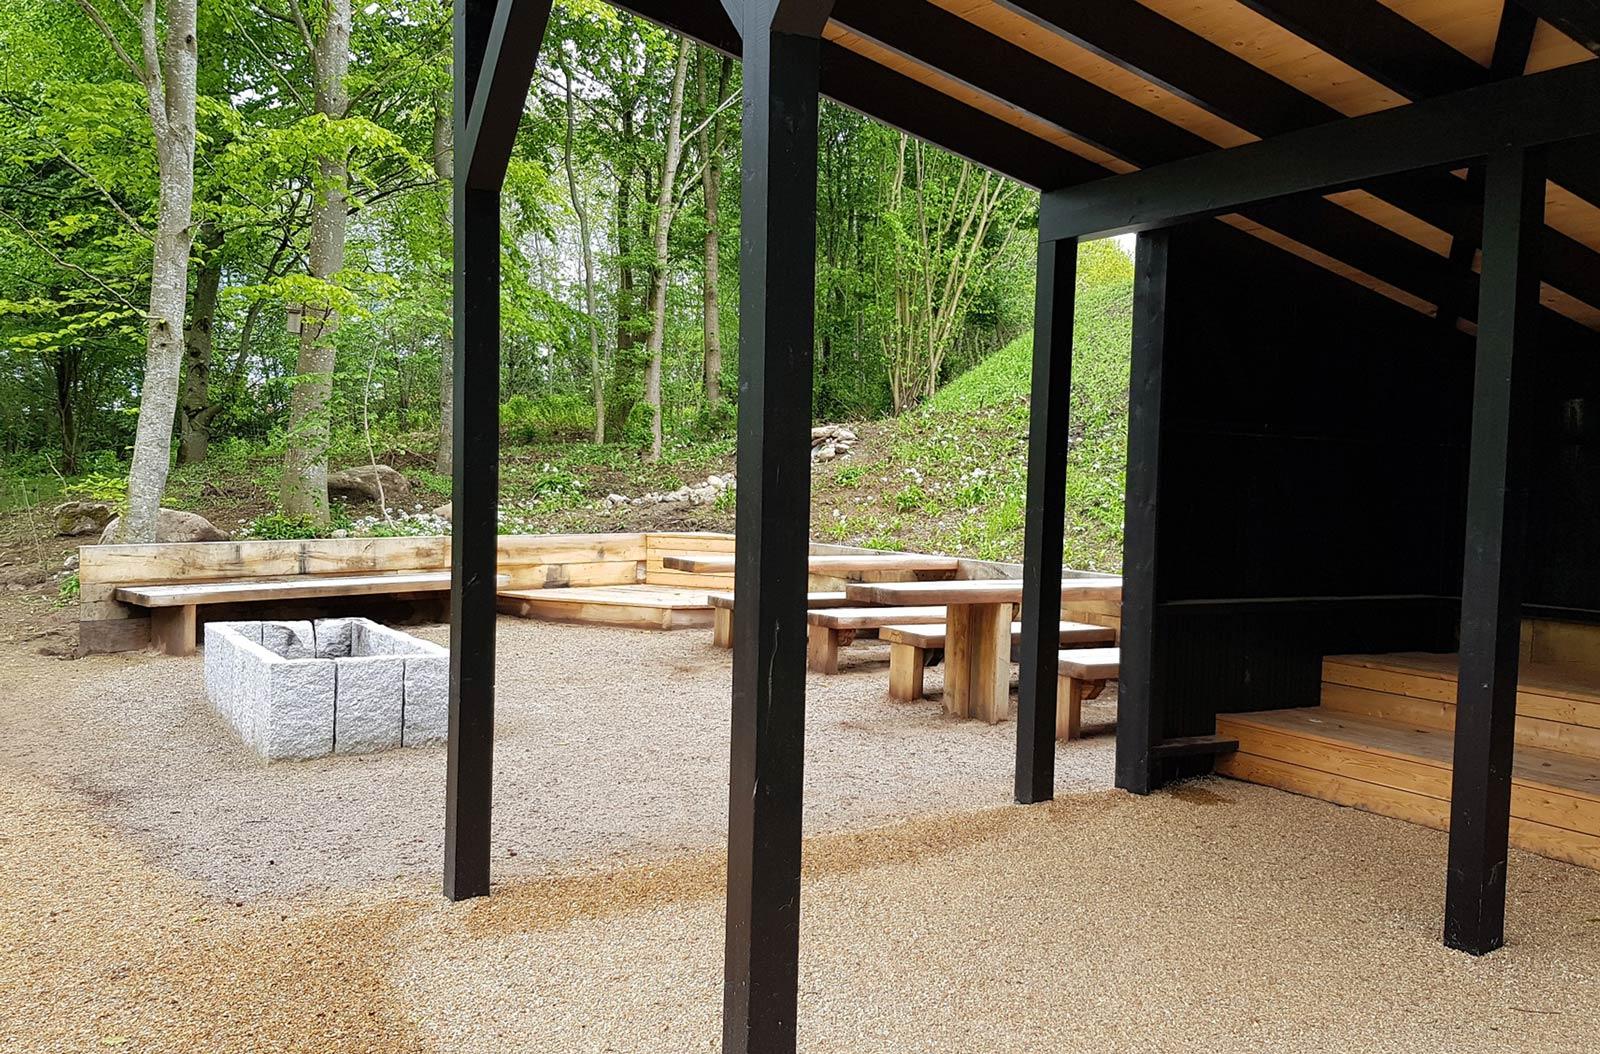 En bålplads med bord og bænke og et overdækket område i træ